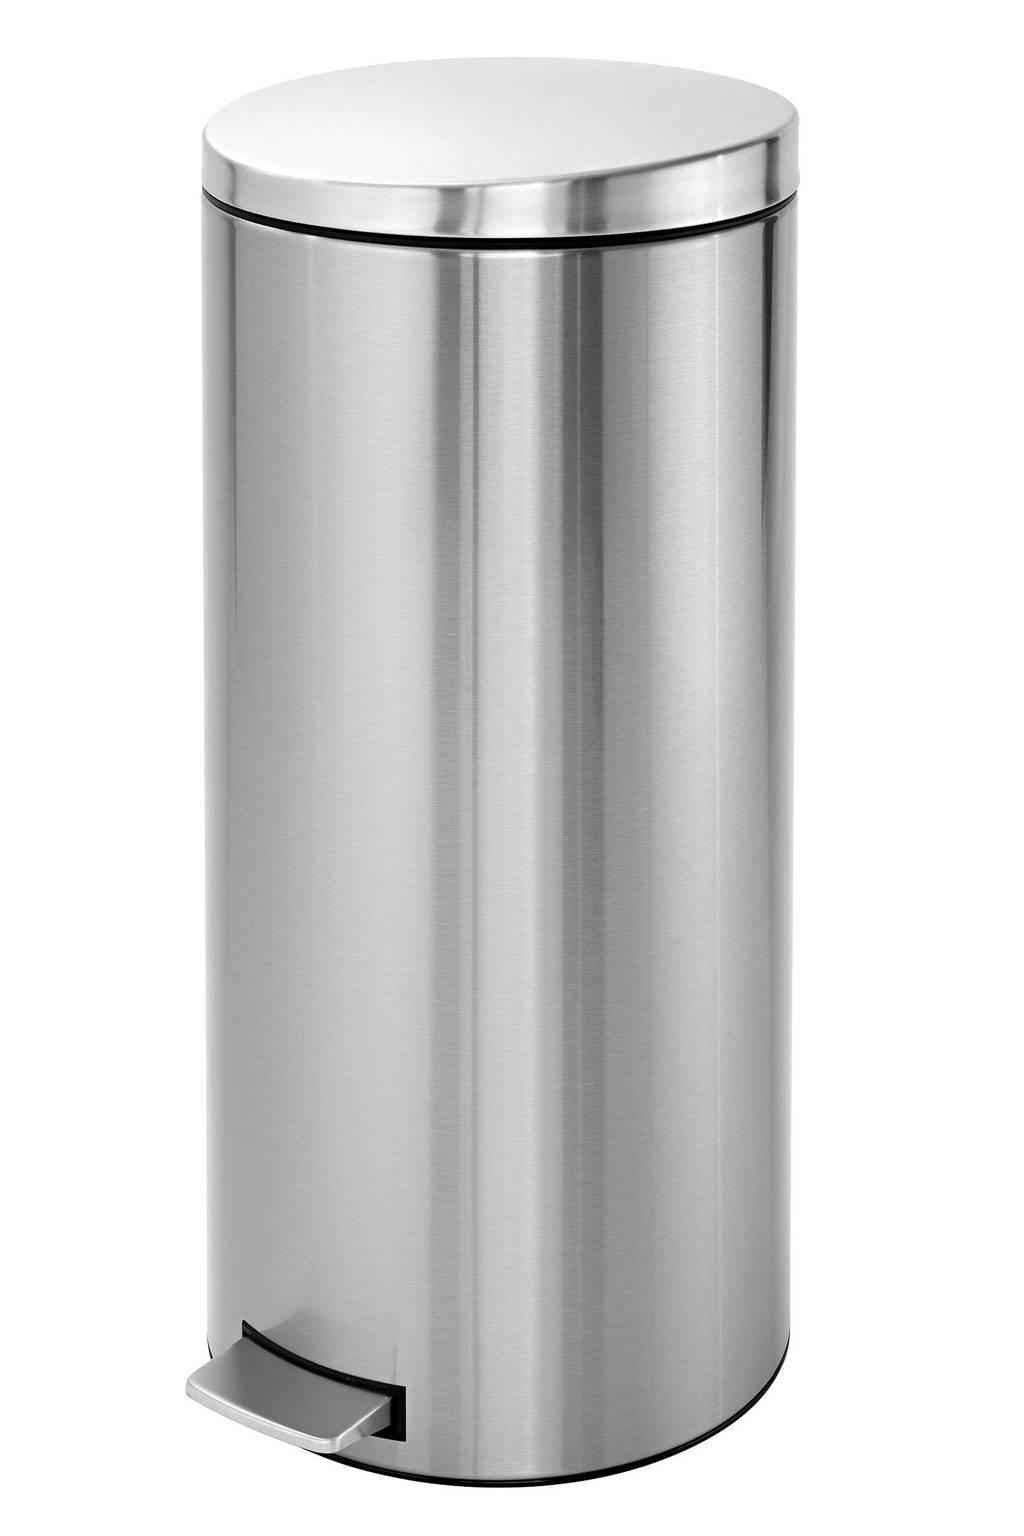 Brabantia Motioncontrol Pedaalemmer 30 L.Brabantia 30 Liter Pedaalemmer Wehkamp